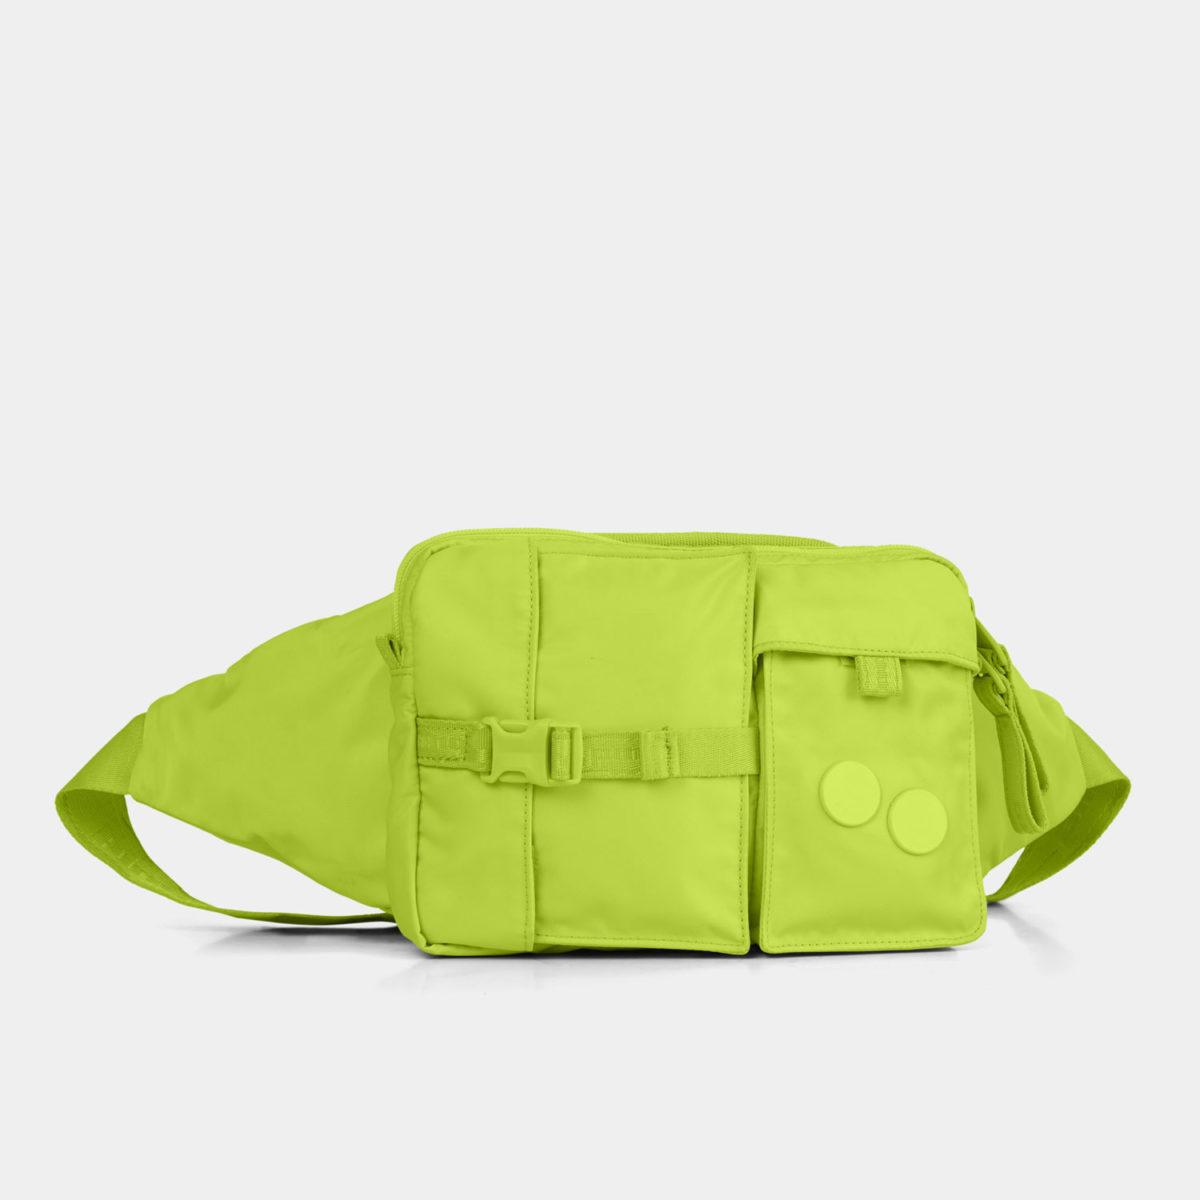 tetri flash yellow pinqponq midjeväska neonfärgad